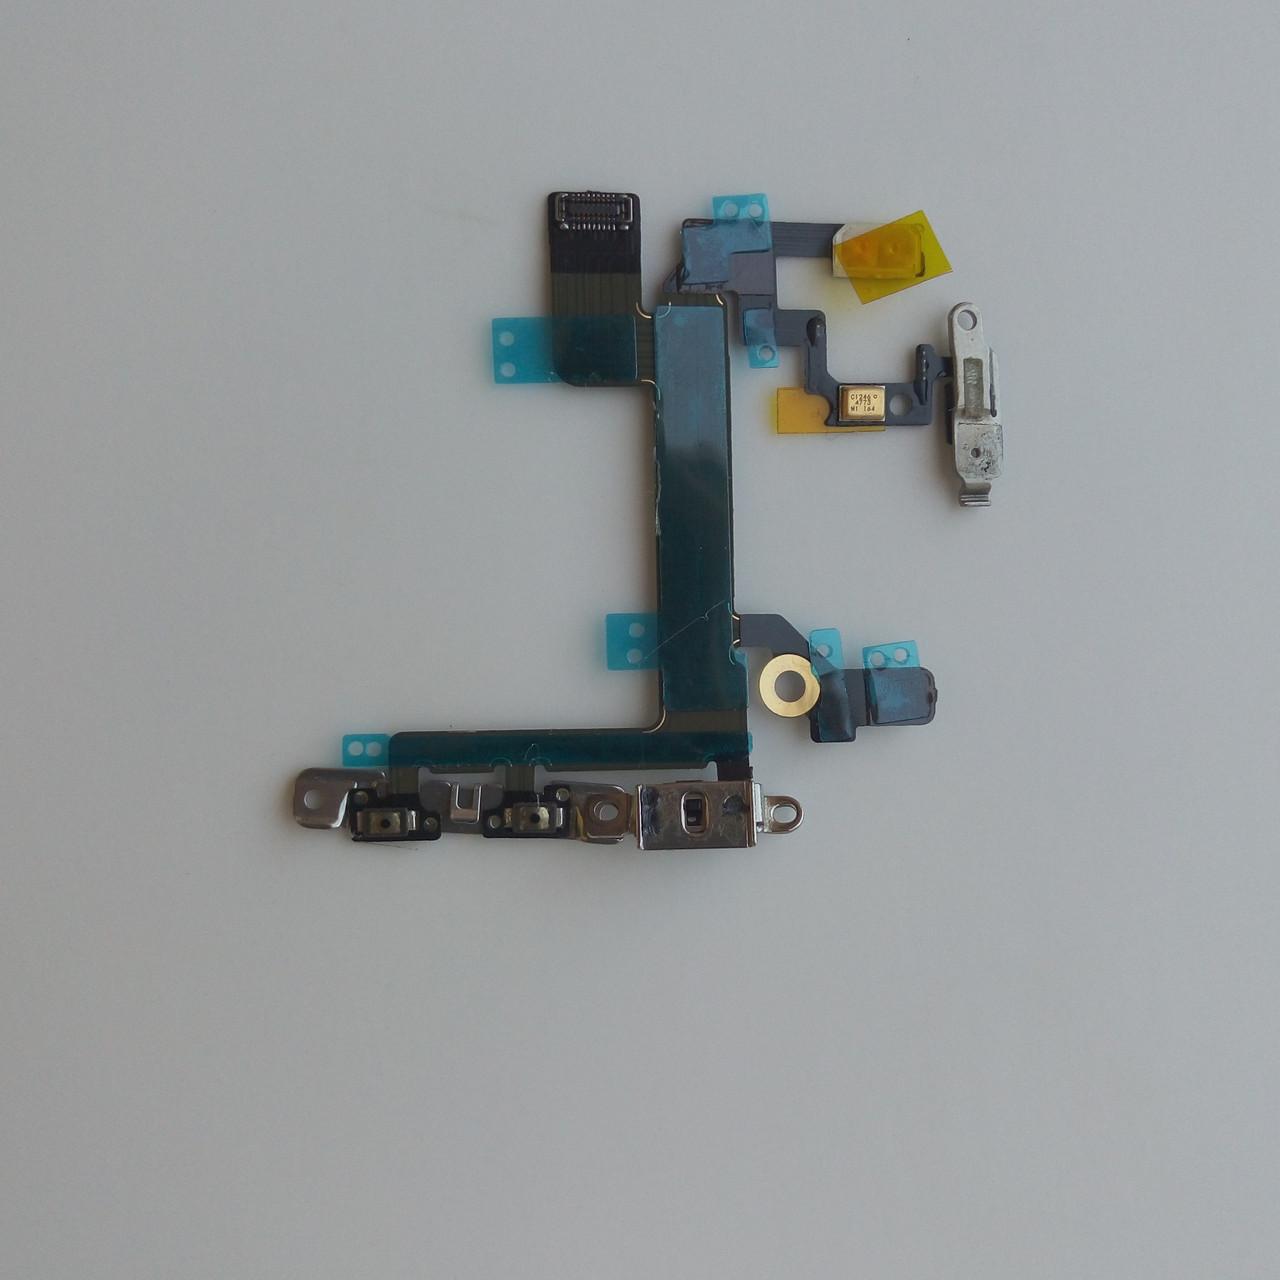 Шлейф Apple iphone 5S кнопки включення, бічних клавіш, з компонентами, з мікрофоном